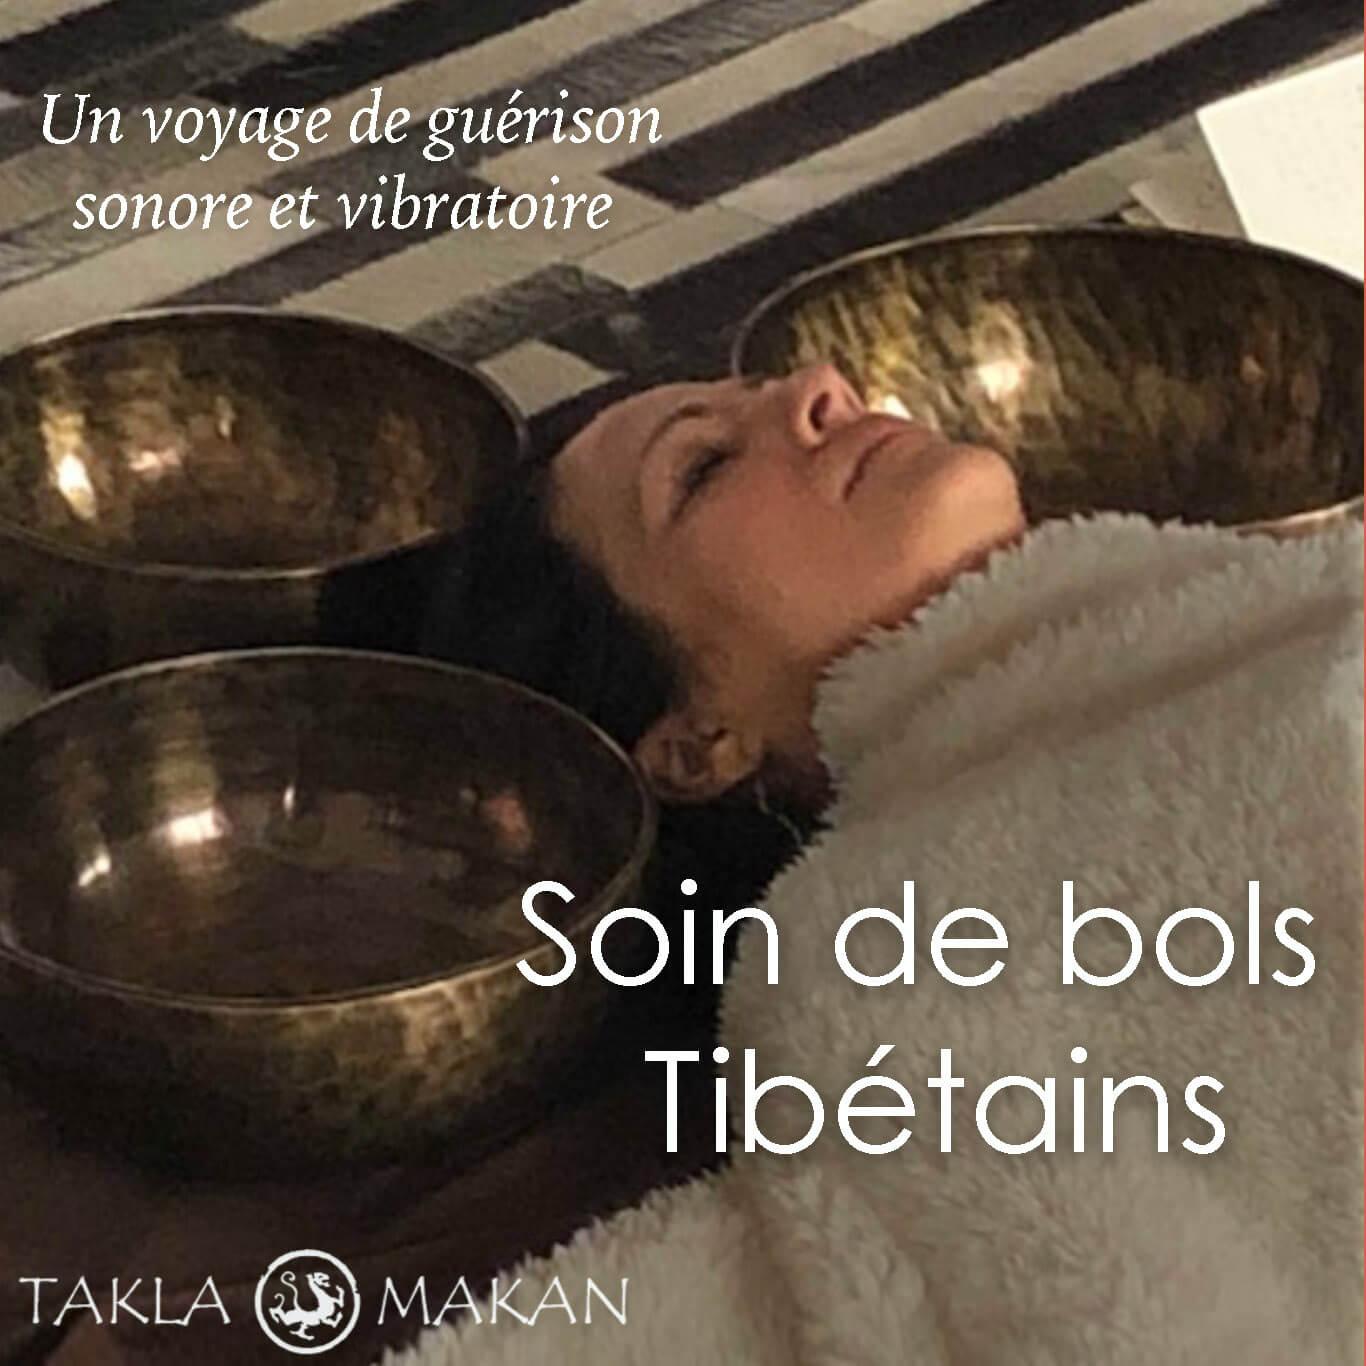 Melissa de Valera massage sonore thérapeutique bols tibetains